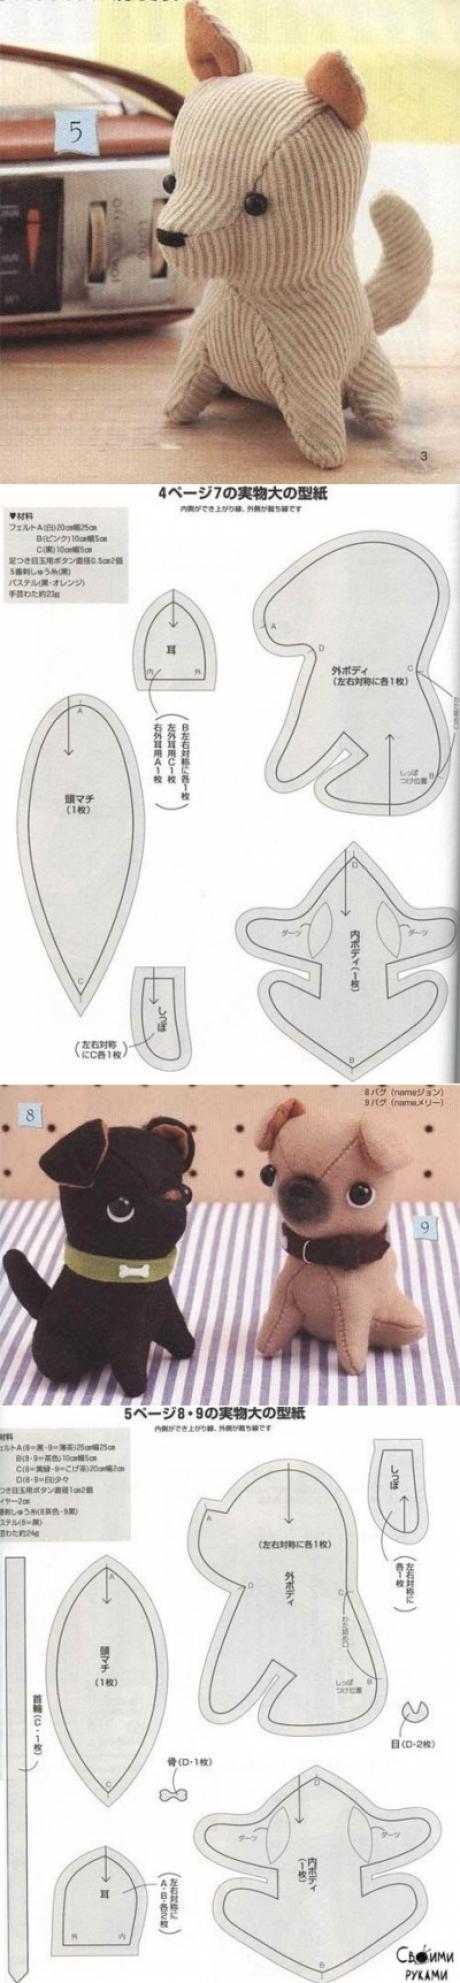 Это интересно » Японские собачки: выкройки и мастер-класс